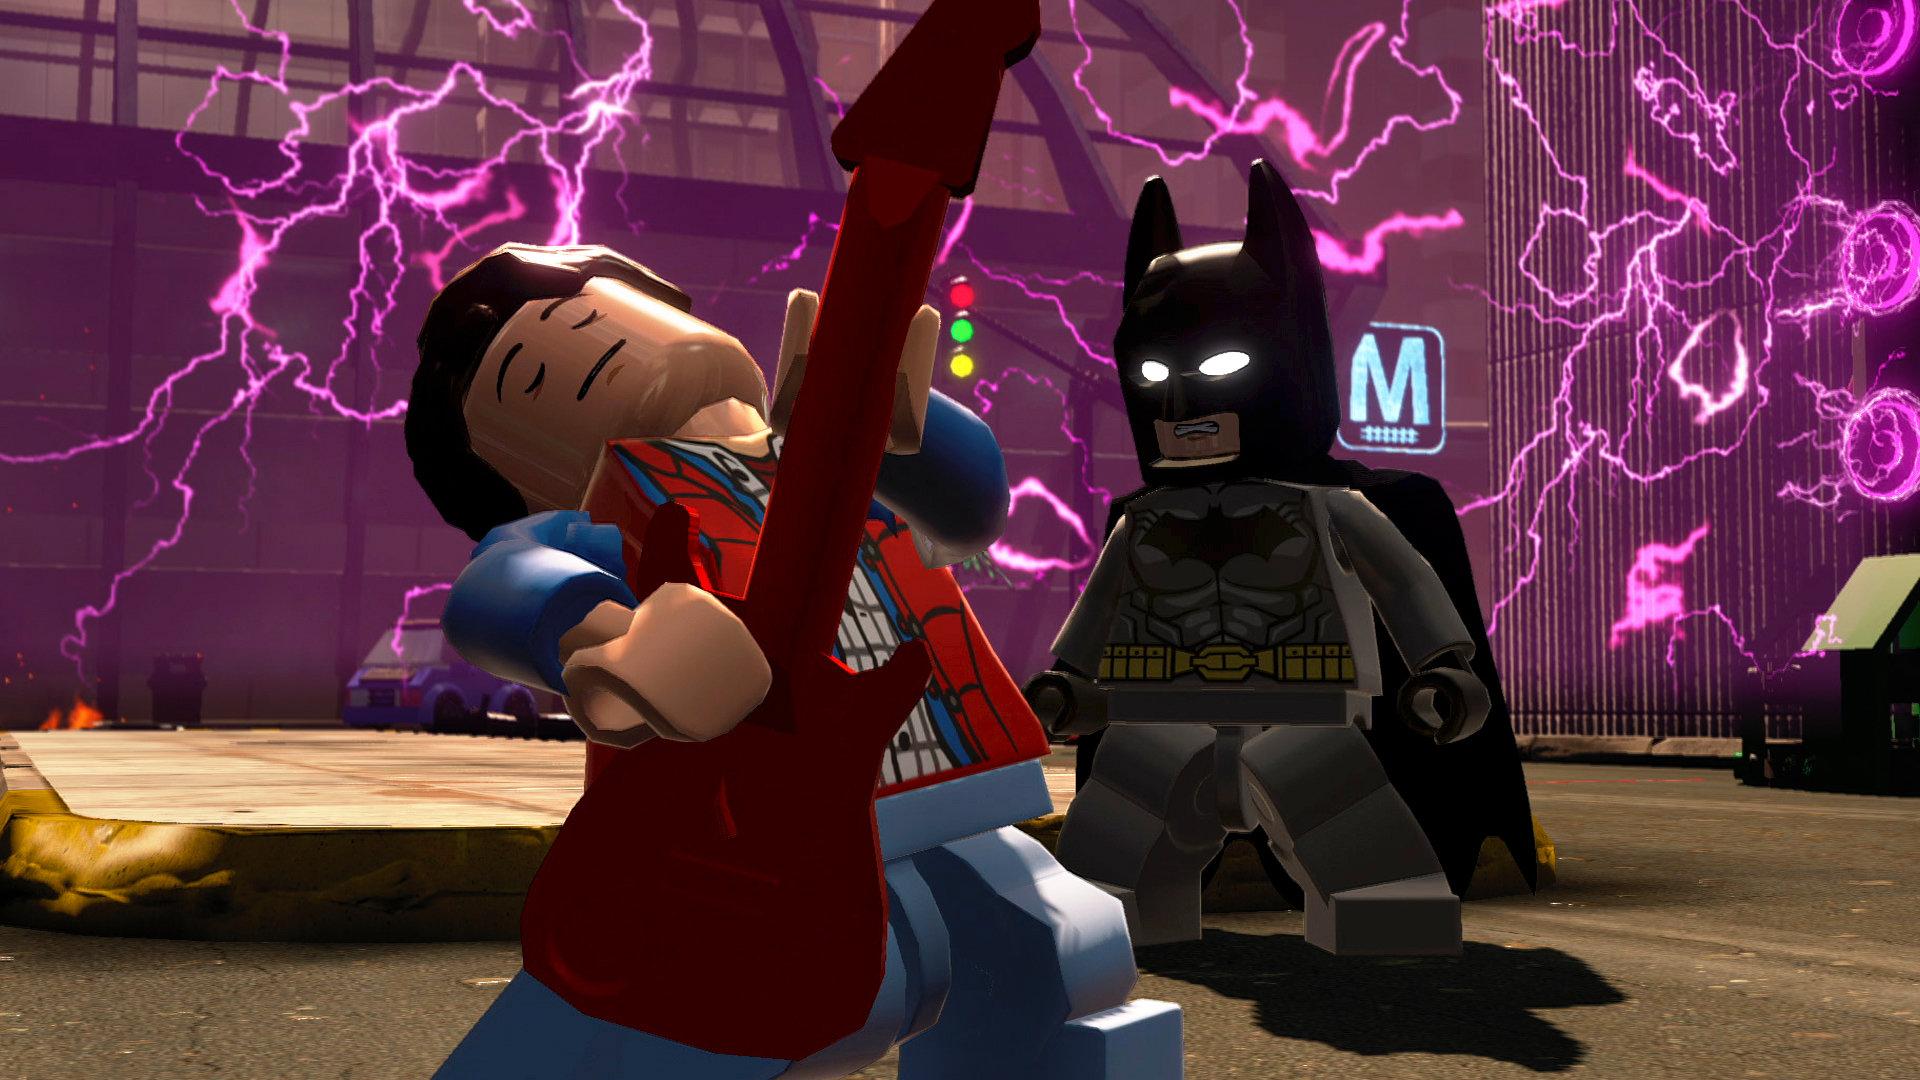 Sự kết hợp không tưởng giữa game và đồ chơi của Warner Bros và Lego